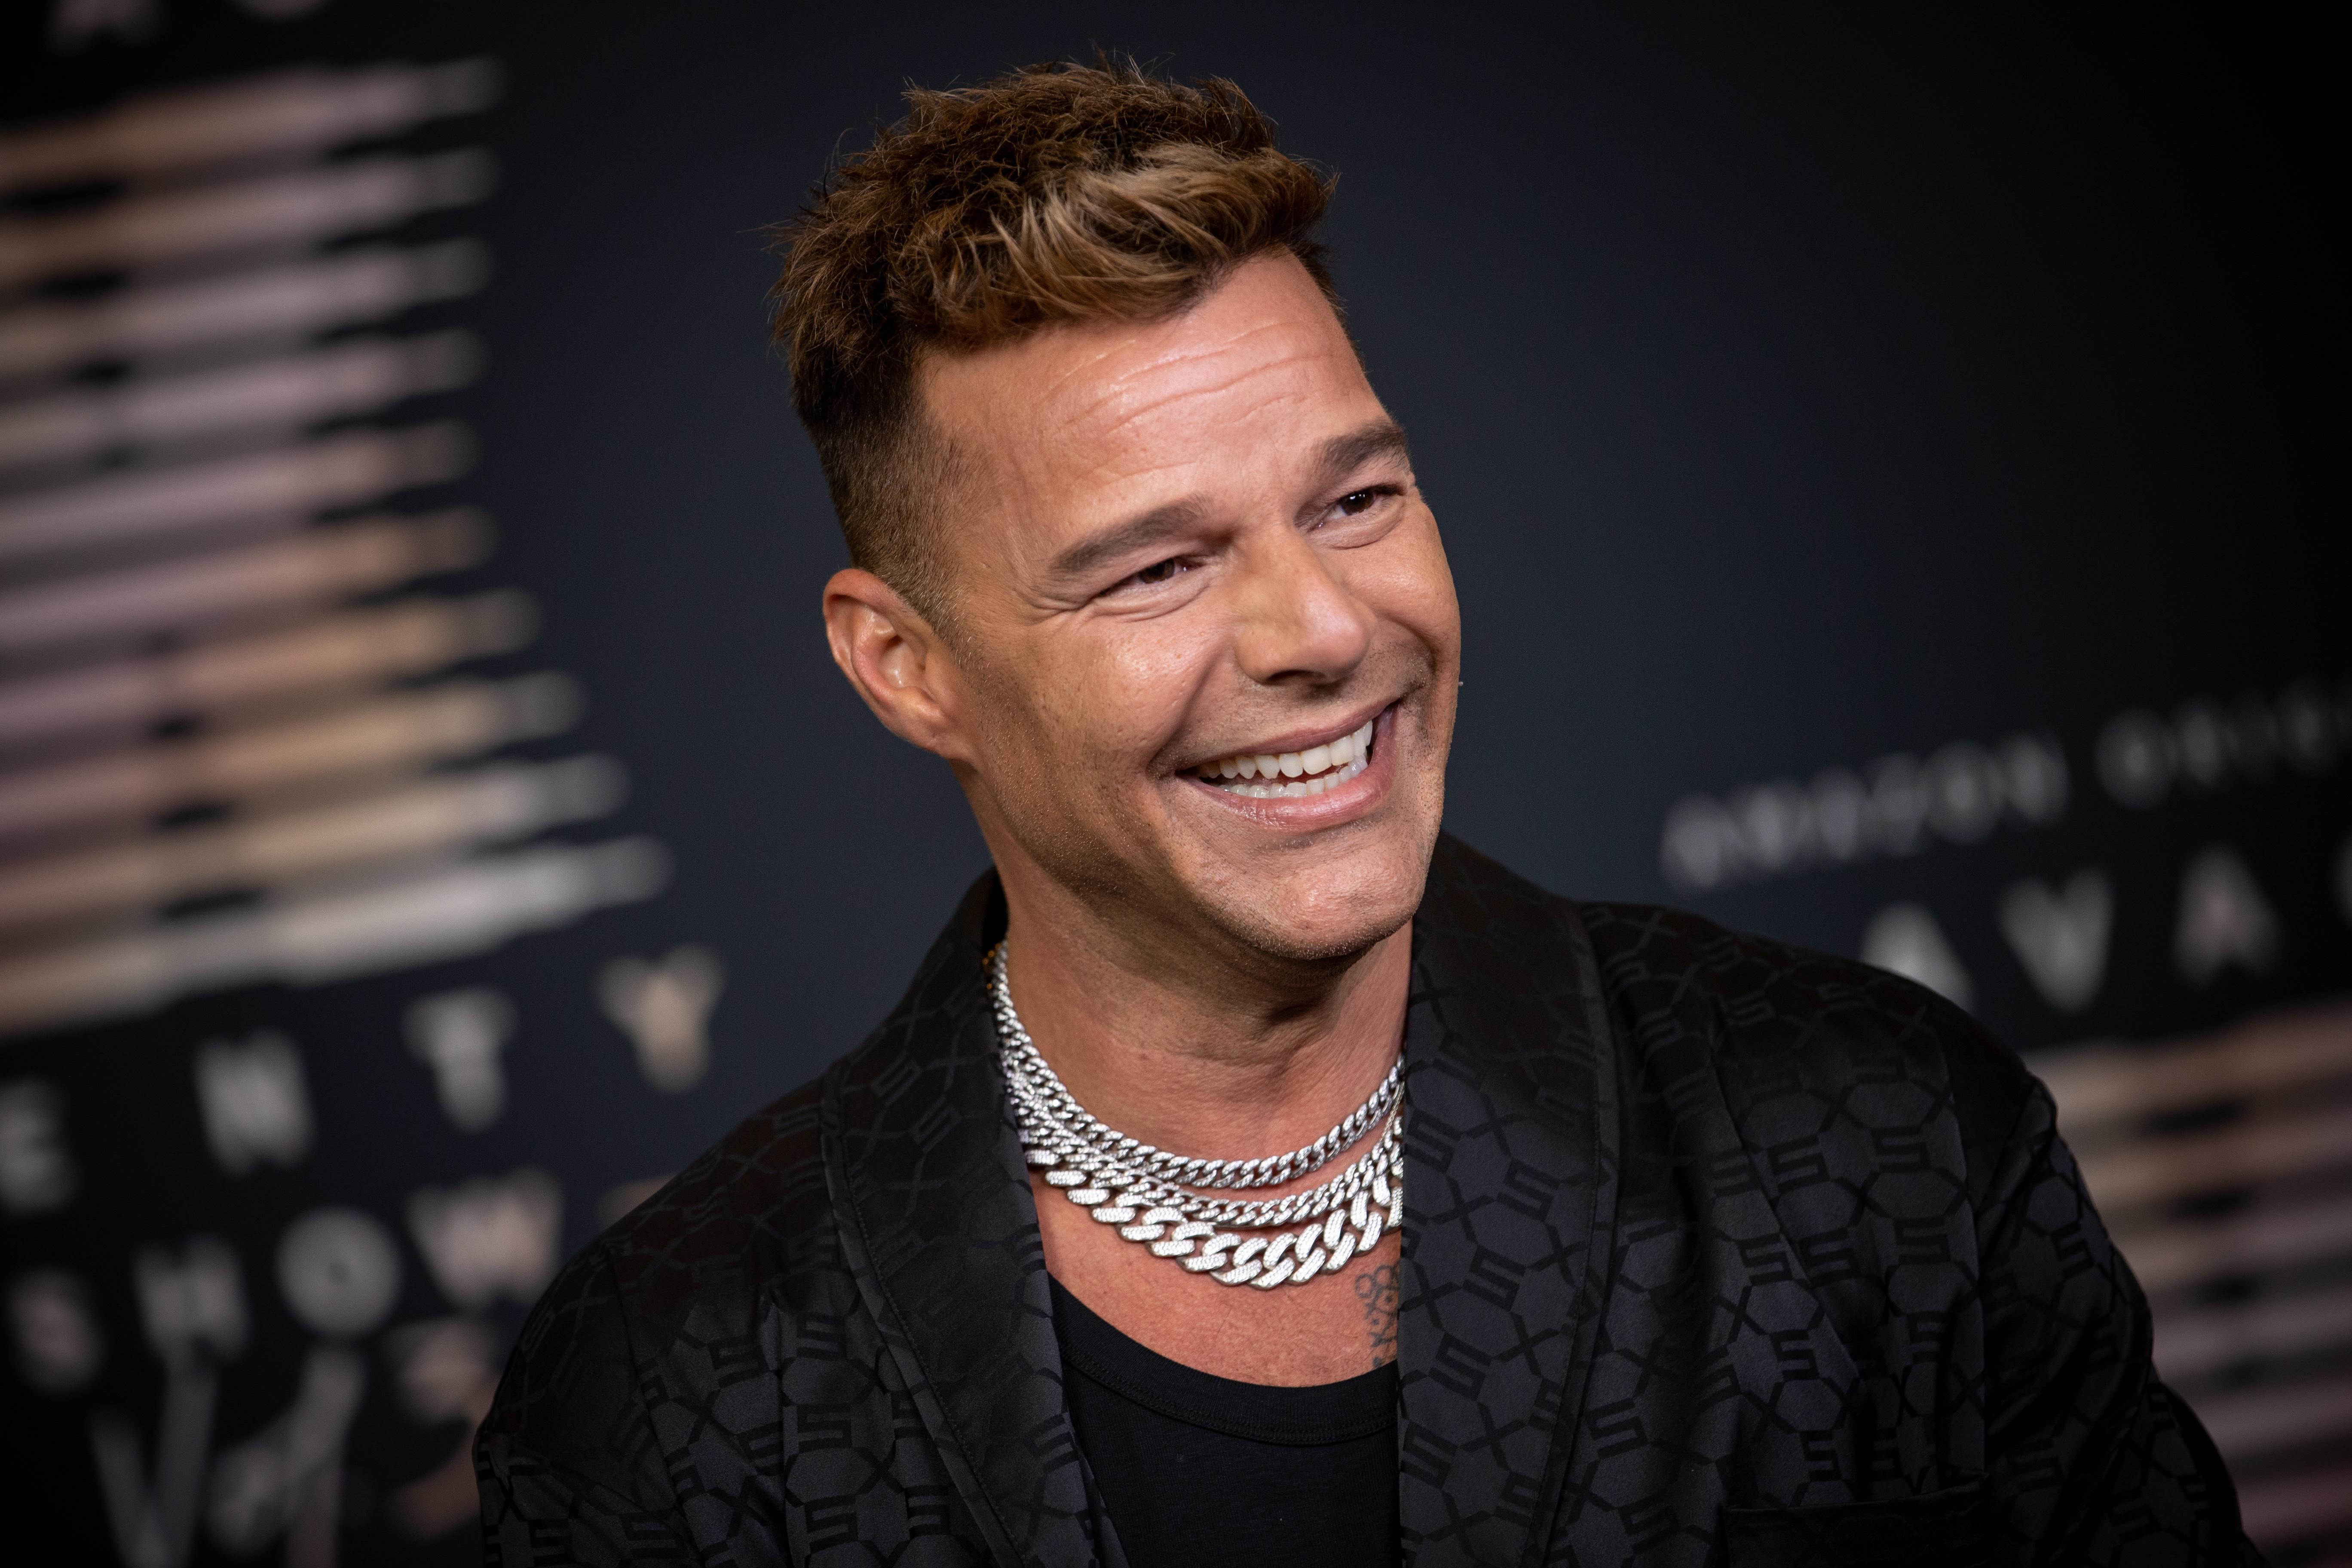 Ricky Martin se muestra en Instagram tras la polémica por sus supuestos retoques estéticos